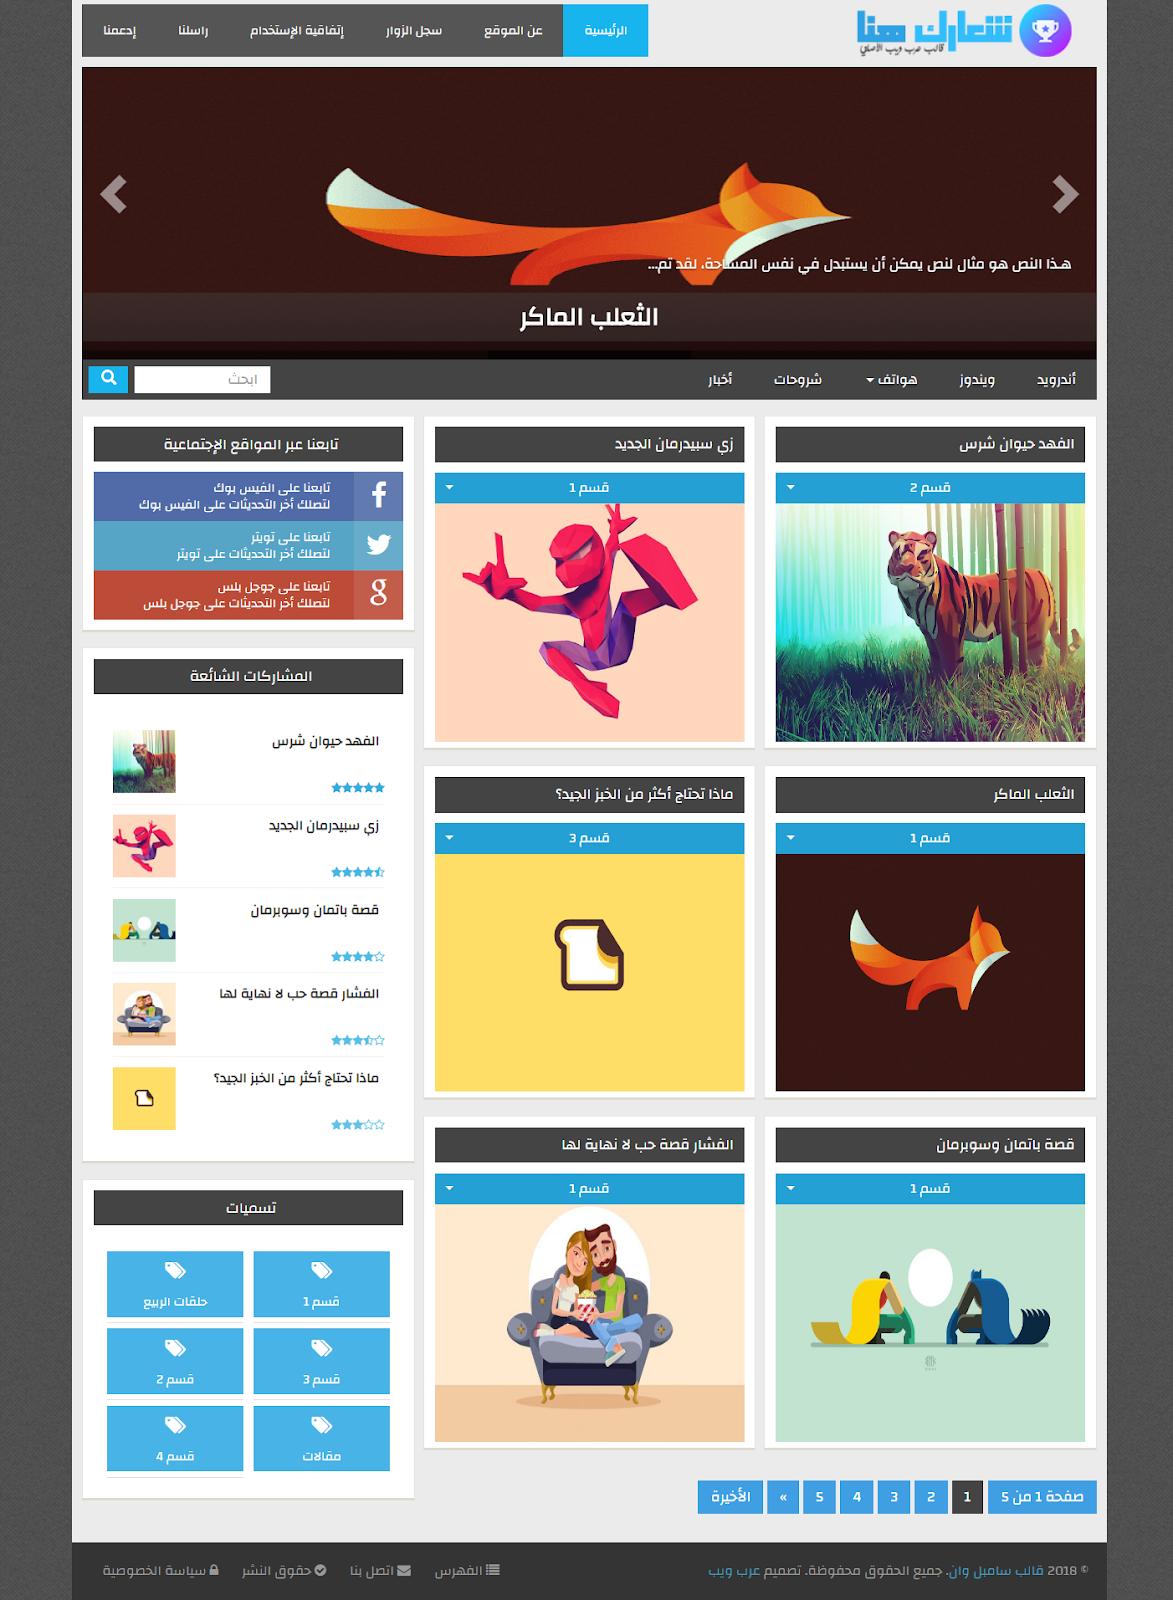 نسخة الأولى من قالب مدونة عرب ويب V1